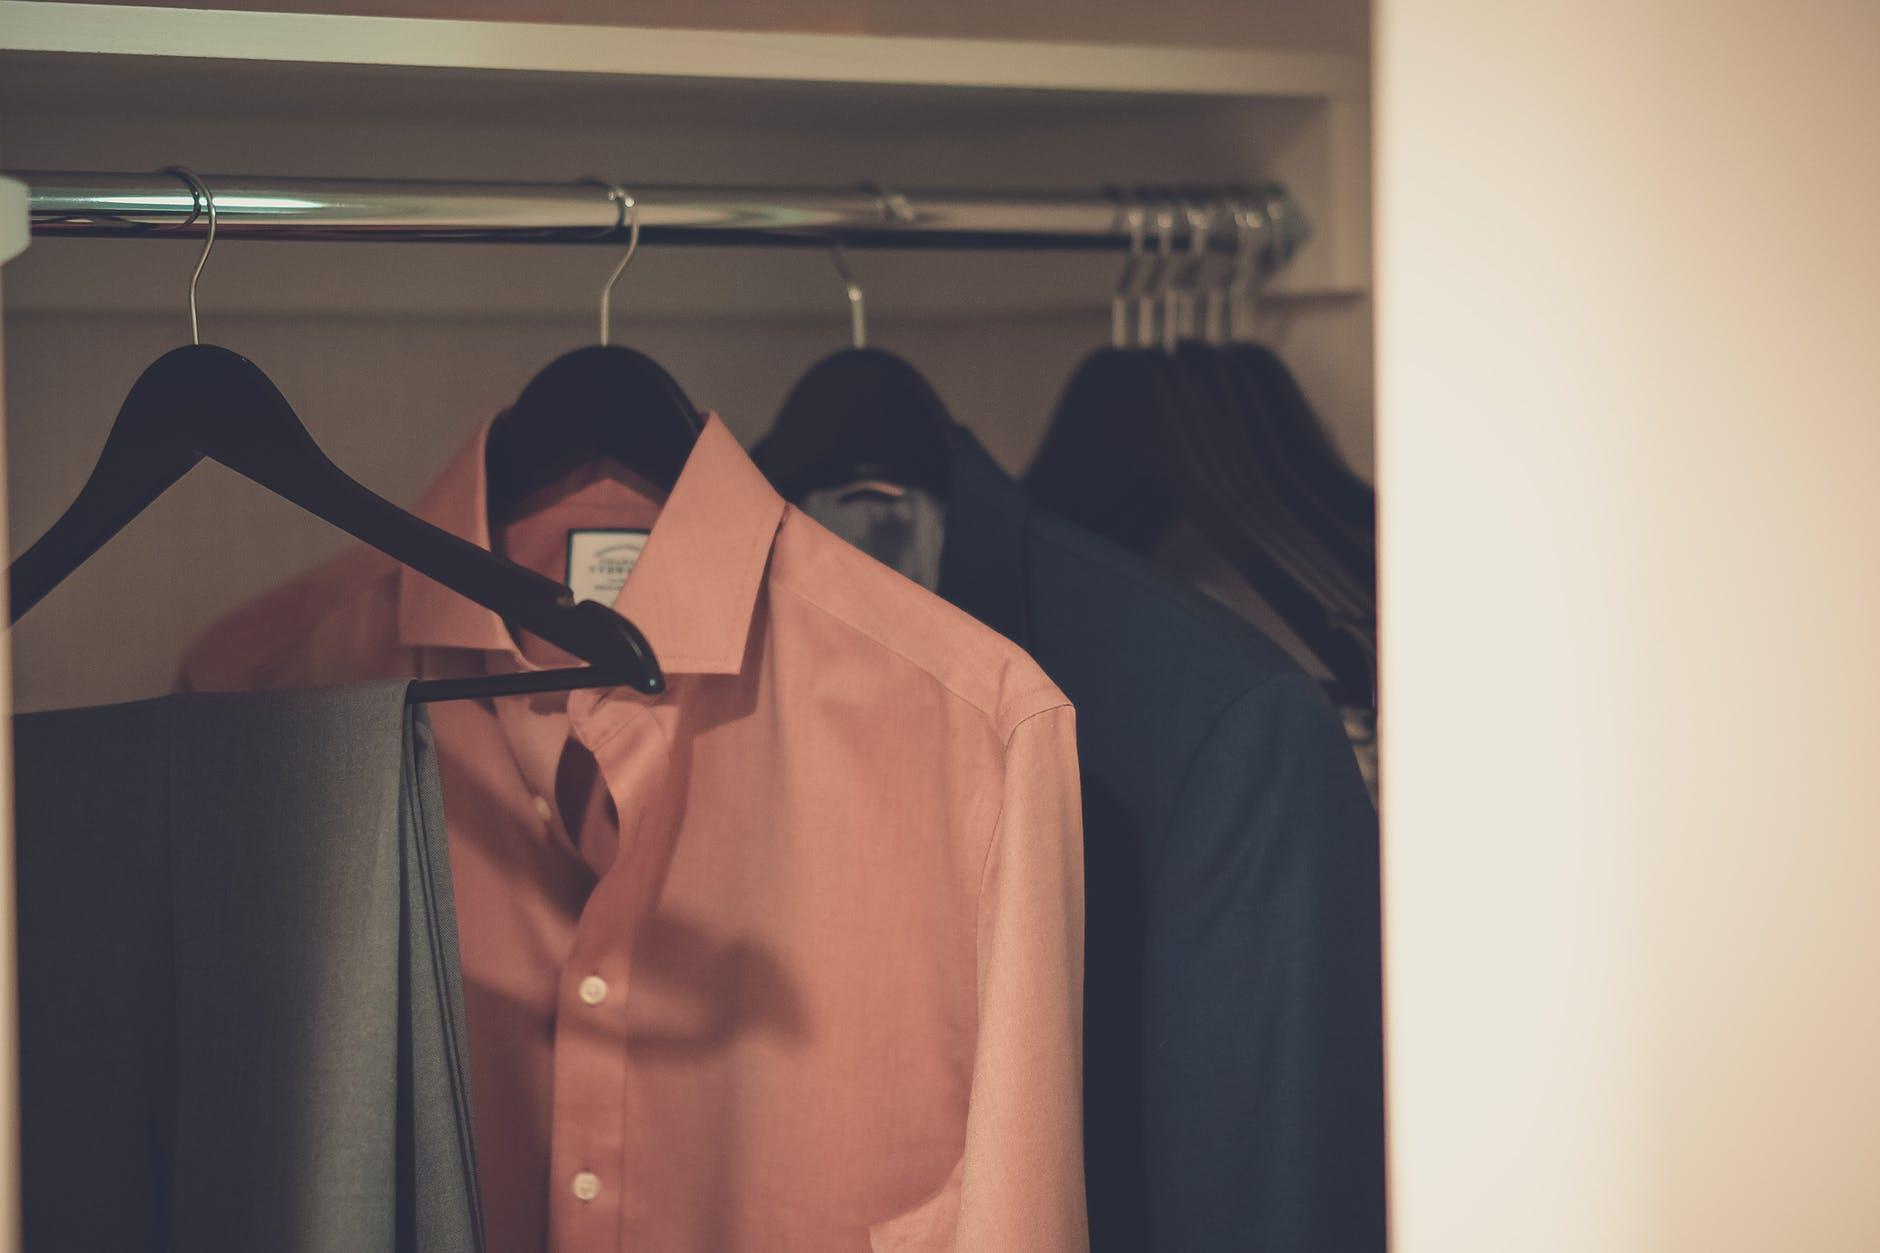 reglas basicas del closet